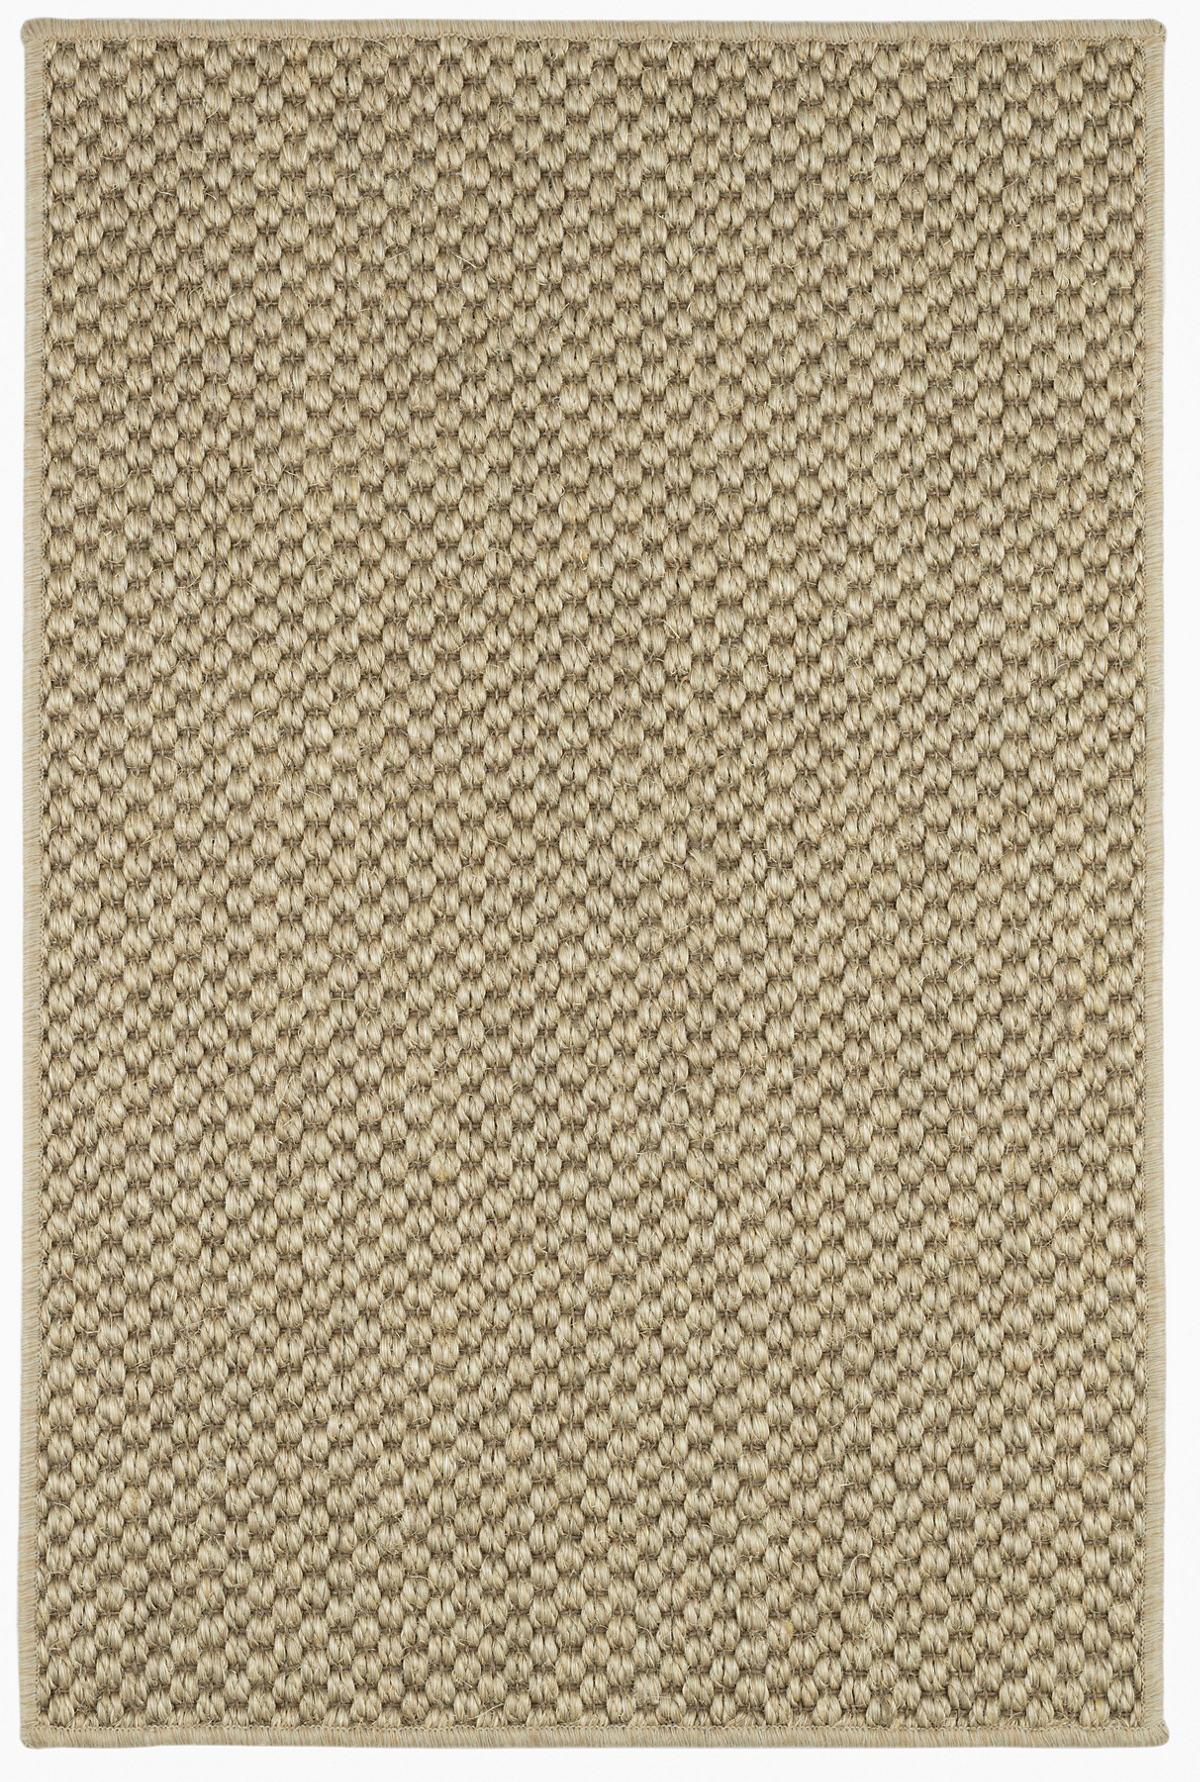 Corden Honey Woven Sisal Custom Rug